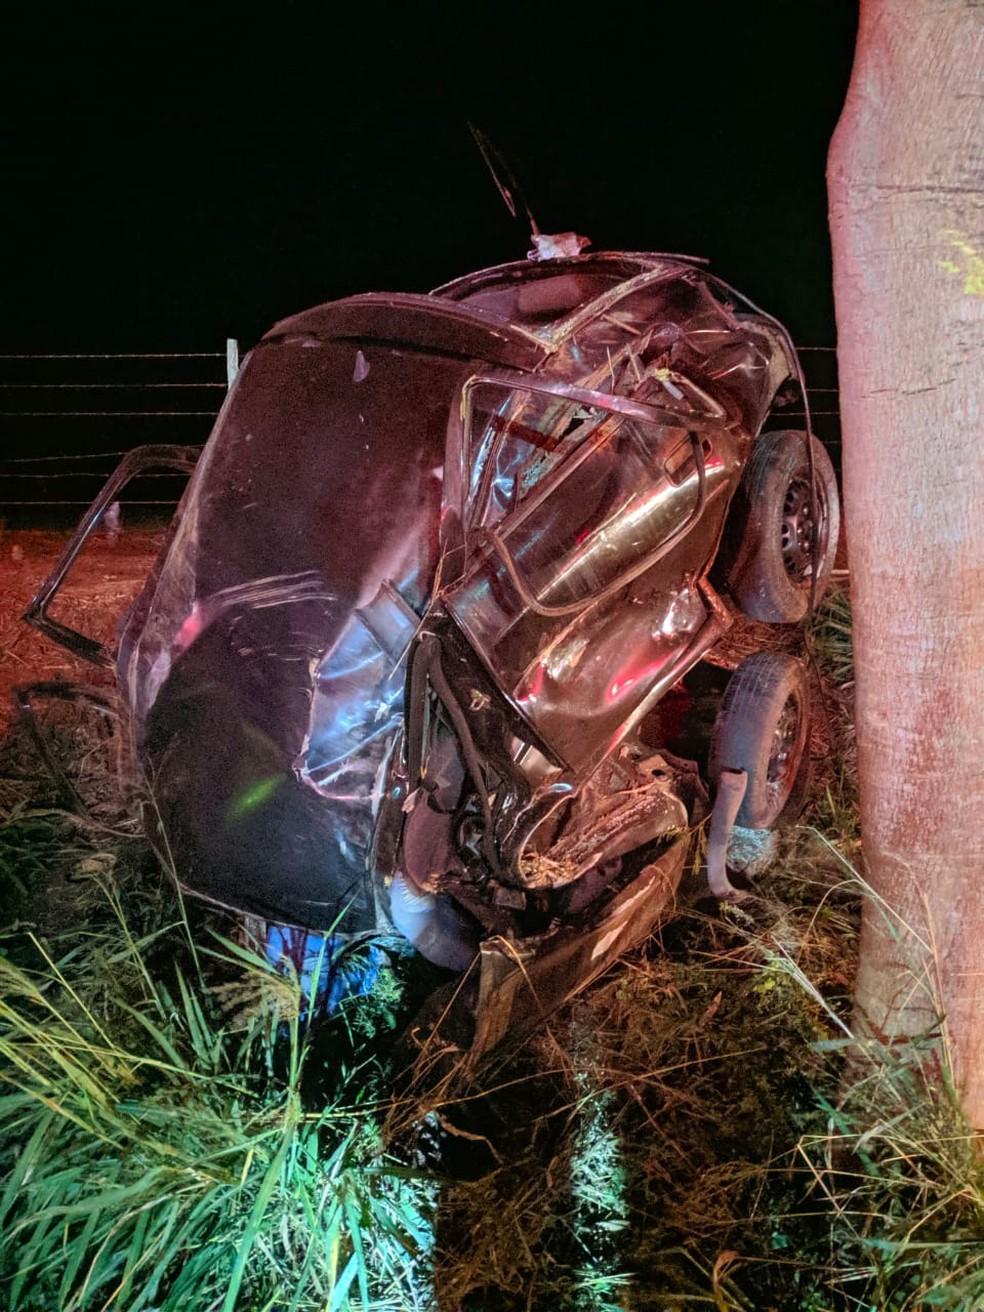 Duas pessoas estavam no carro que capotou em Ibitinga; uma delas morreu  — Foto: Alexandre Donizete / Arquivo pessoal